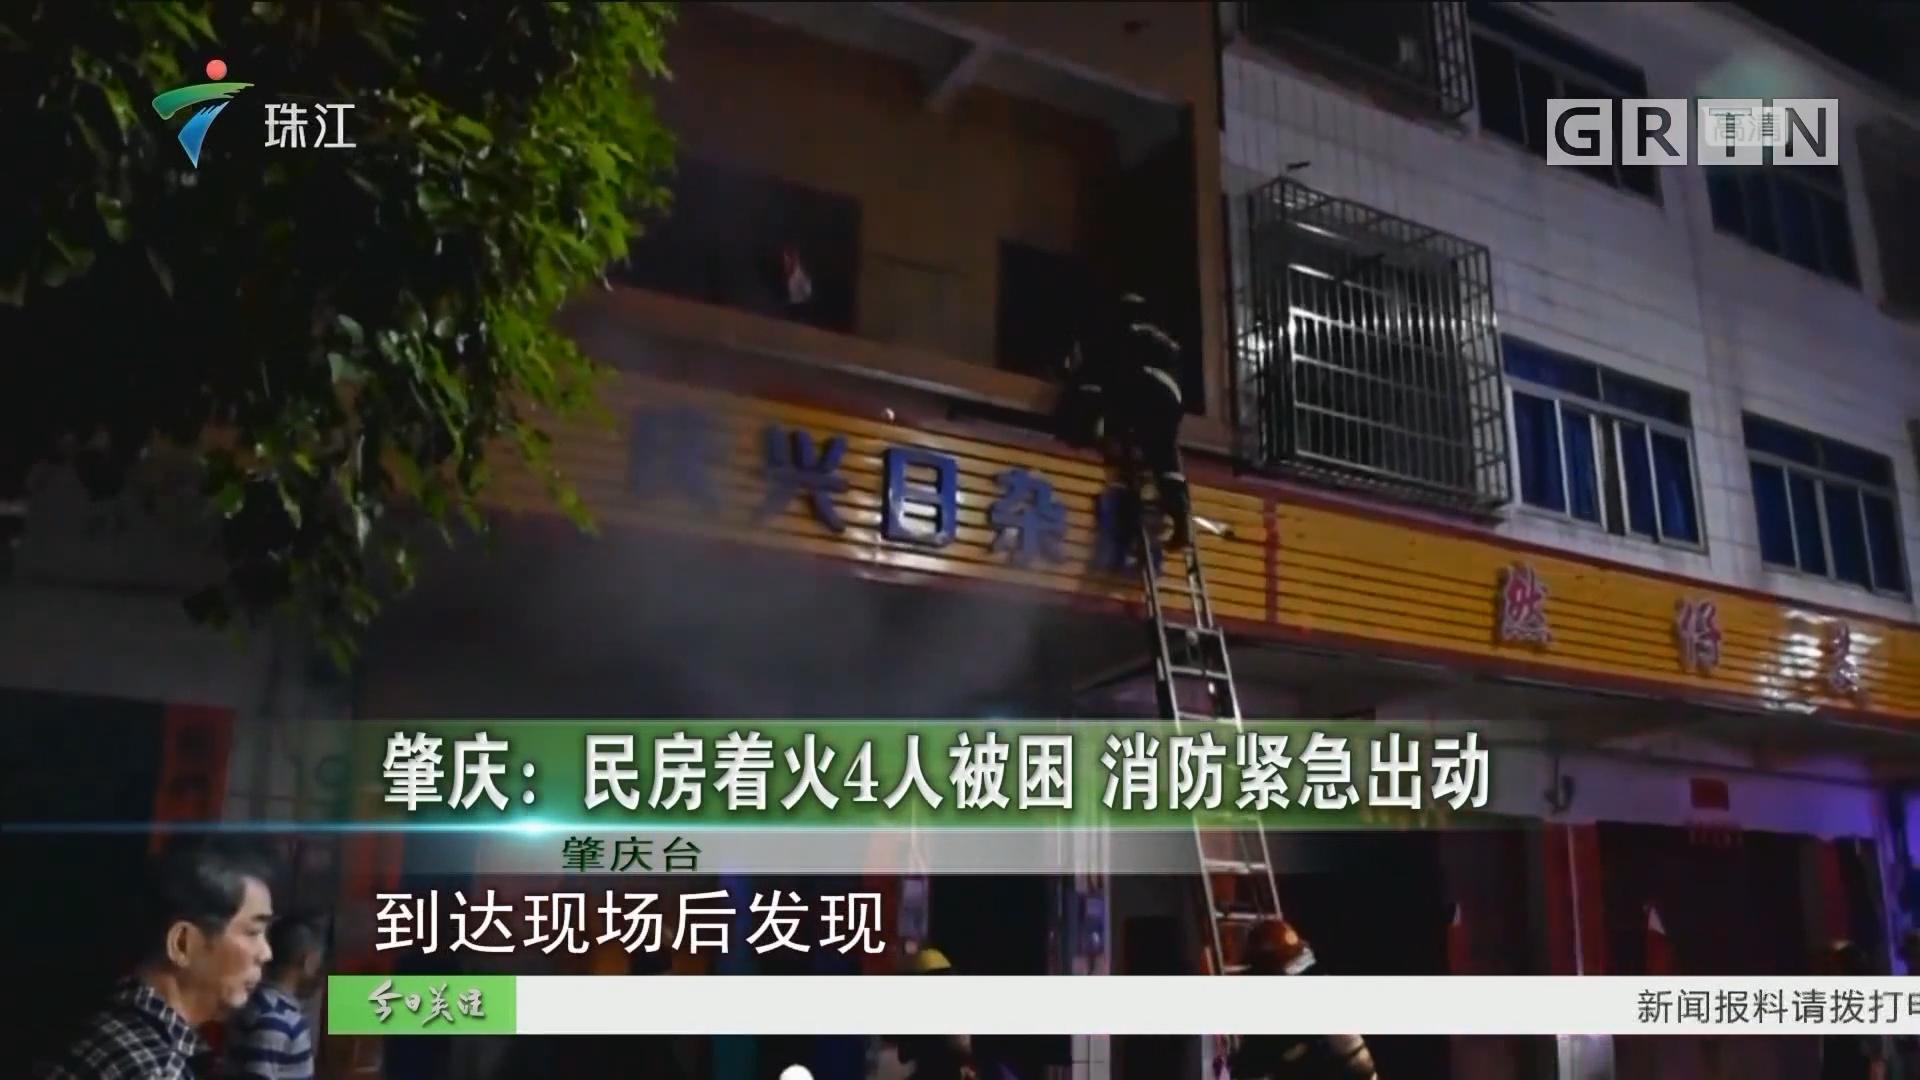 肇庆:民房着火4人被困 消防紧急出动